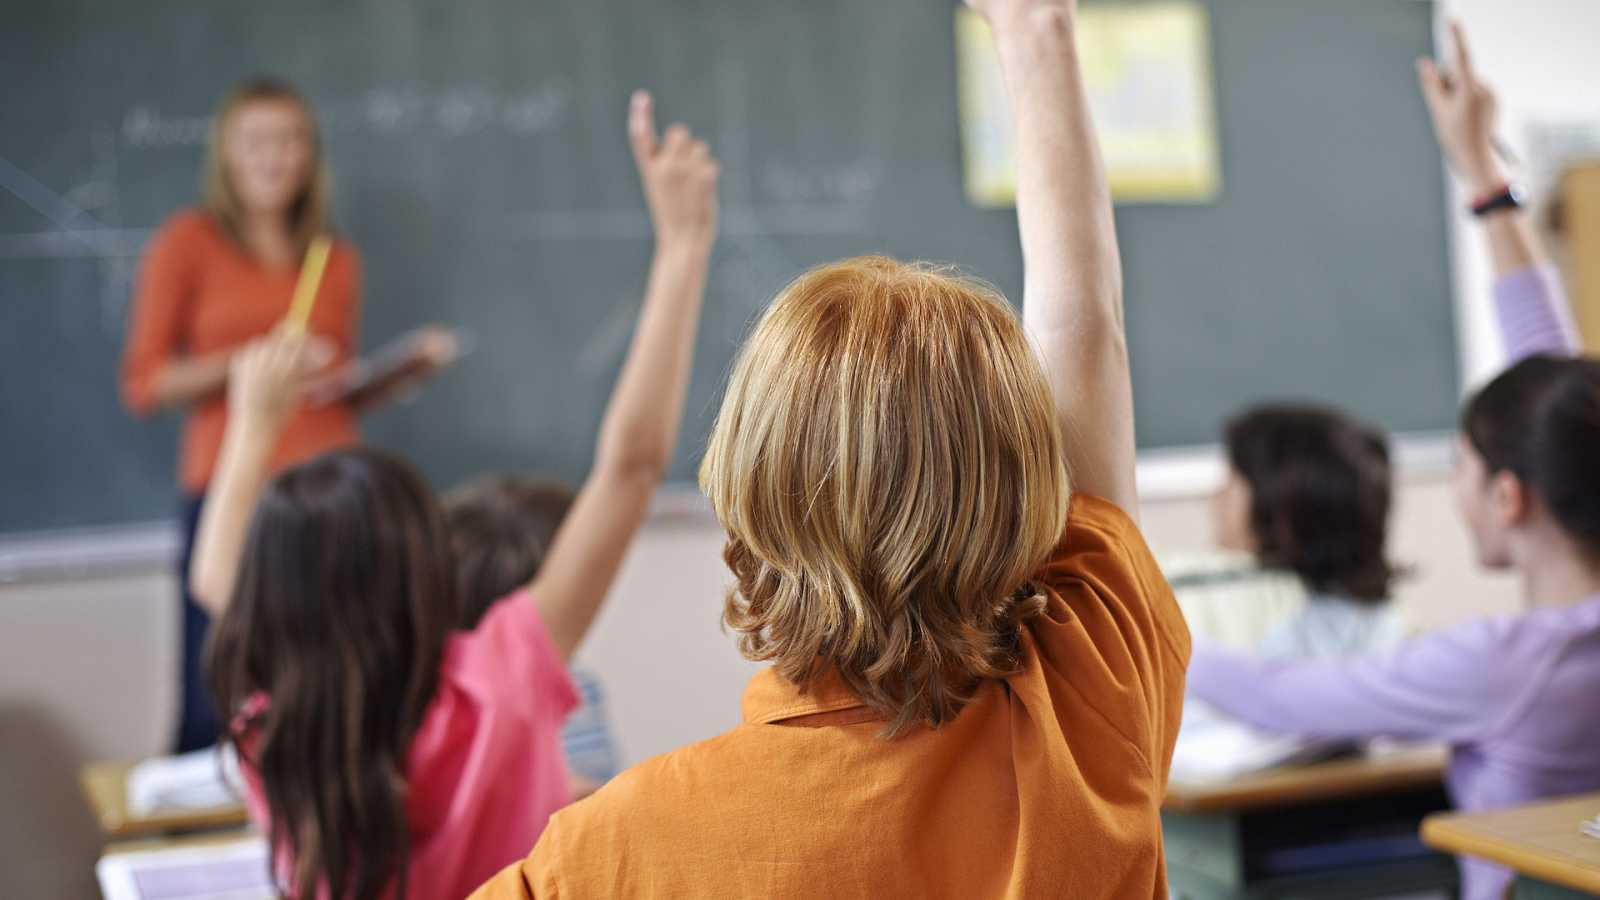 Tarde lo que tarde - Una educación con menos aprendizaje memorístico y más competencias - 15/04/21 - escuchar ahora